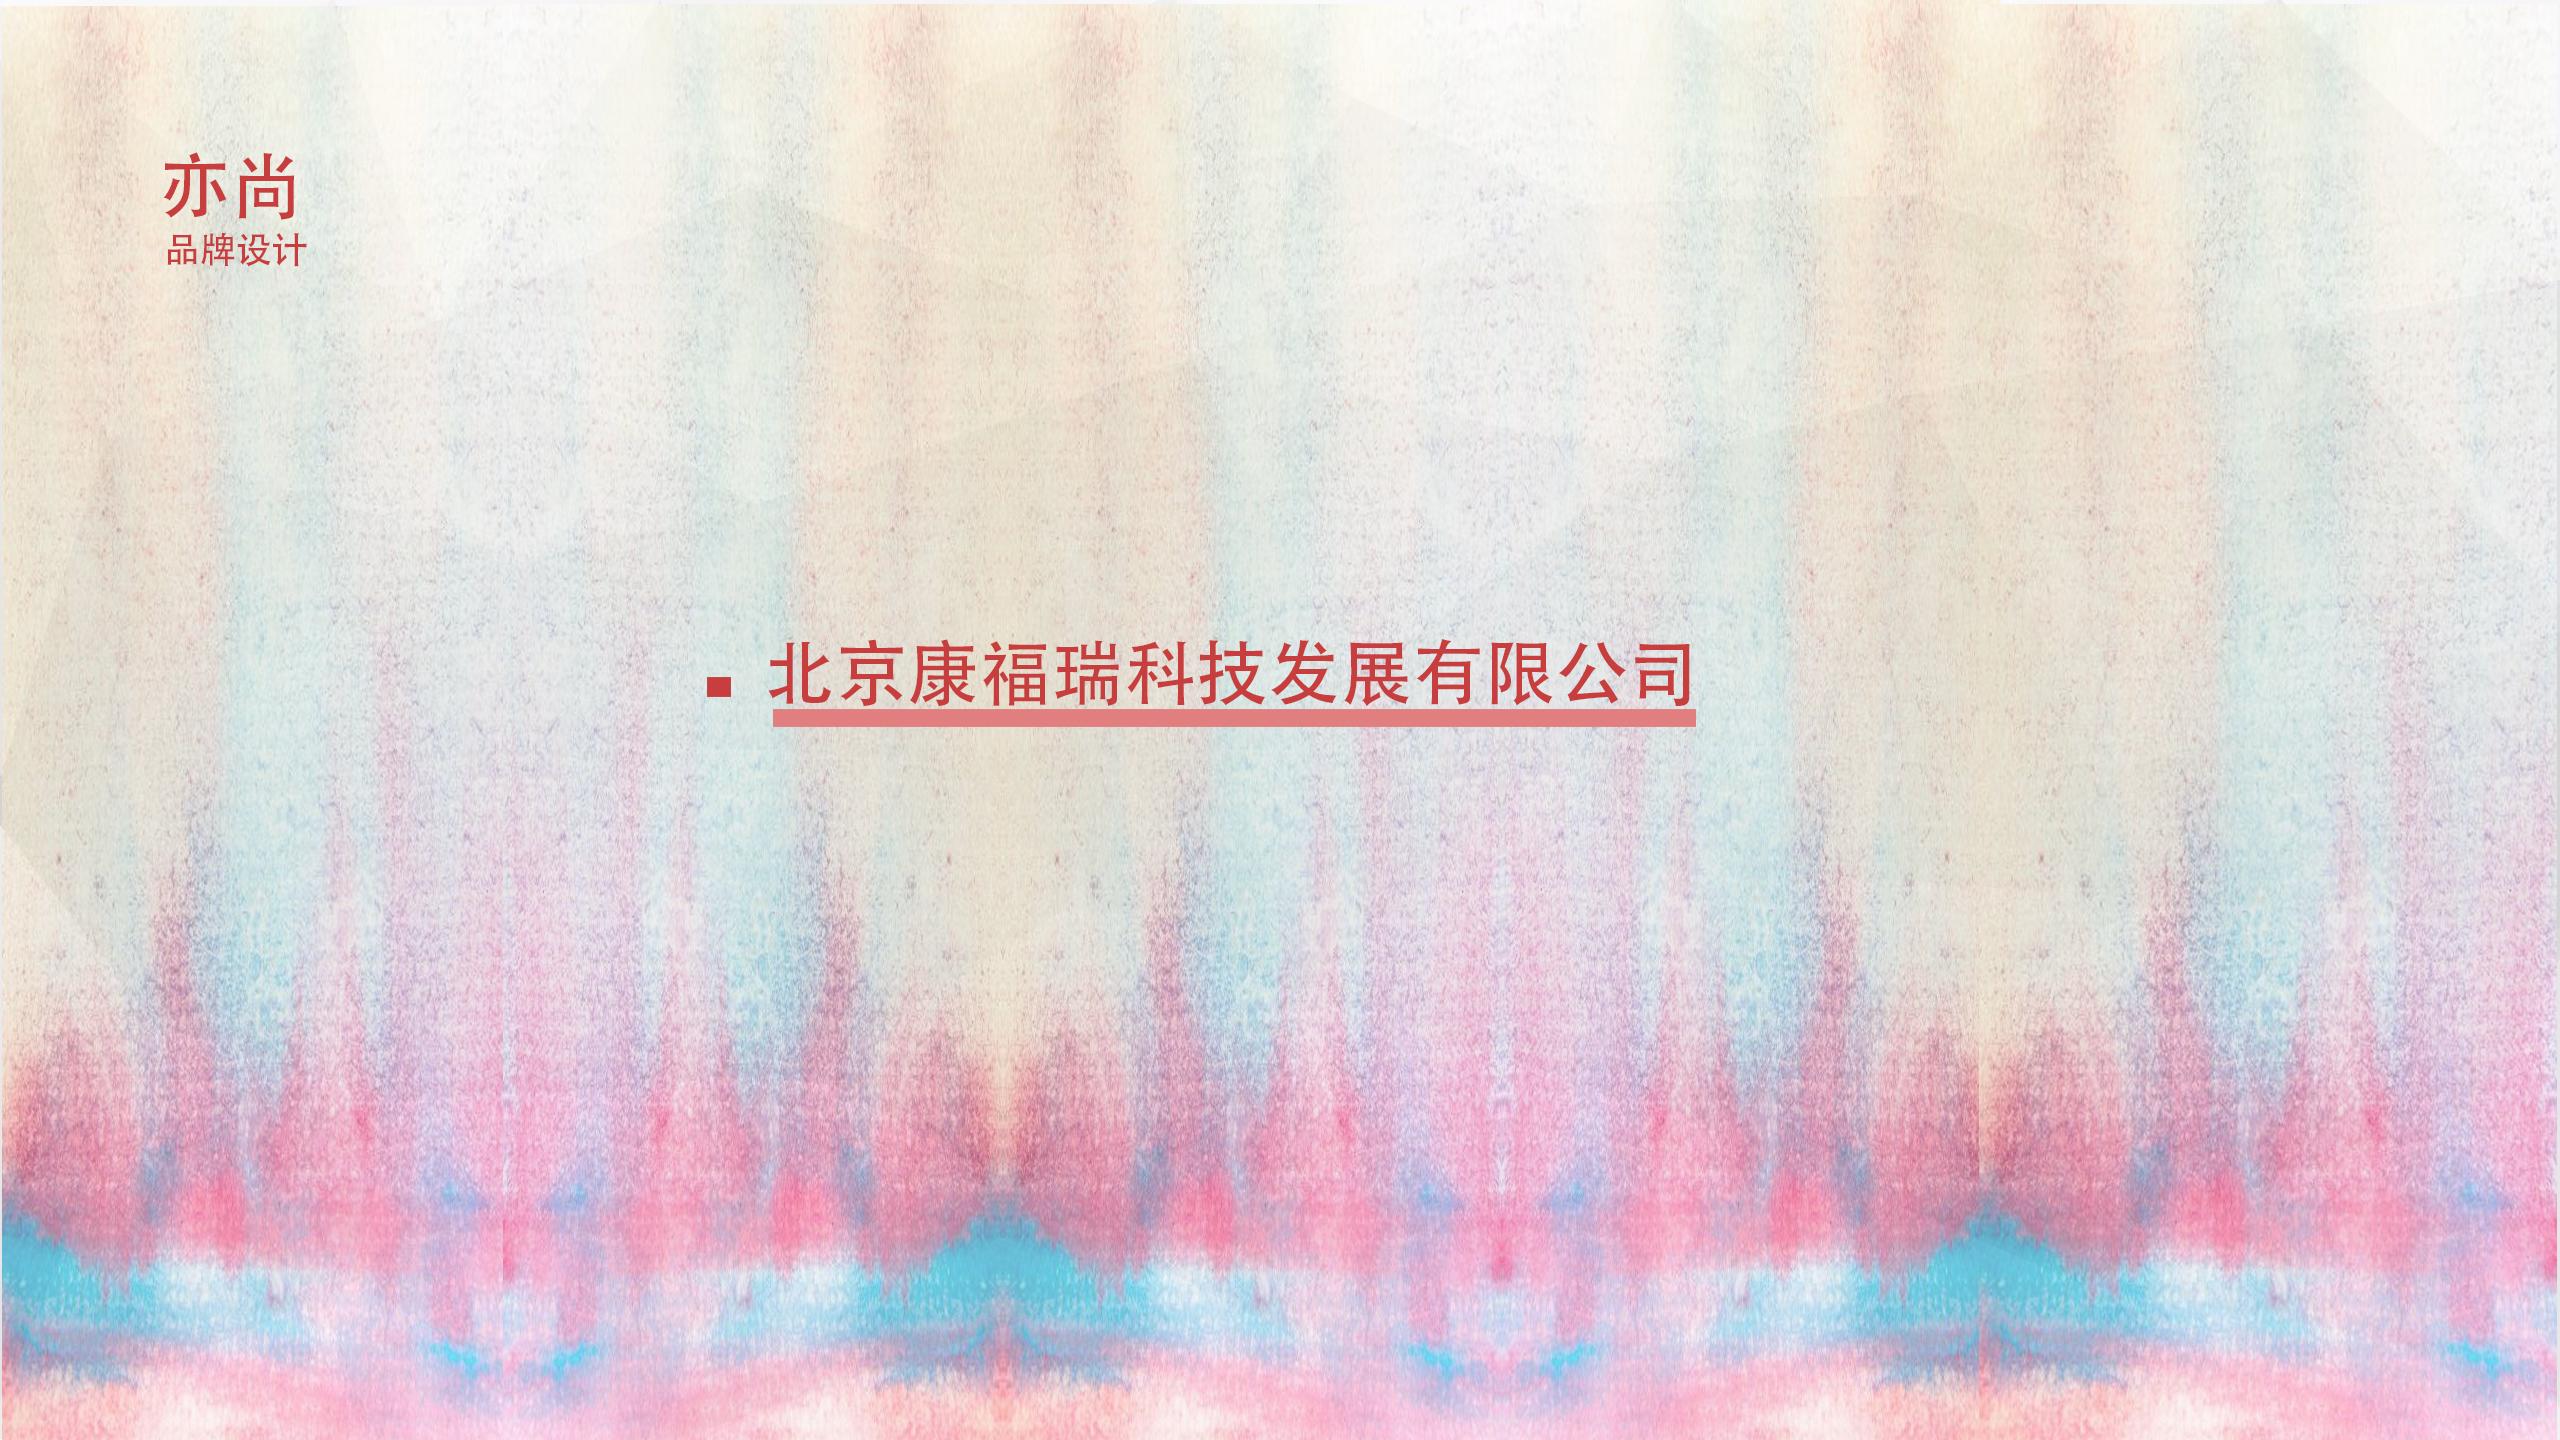 北京康福瑞科技发展有限